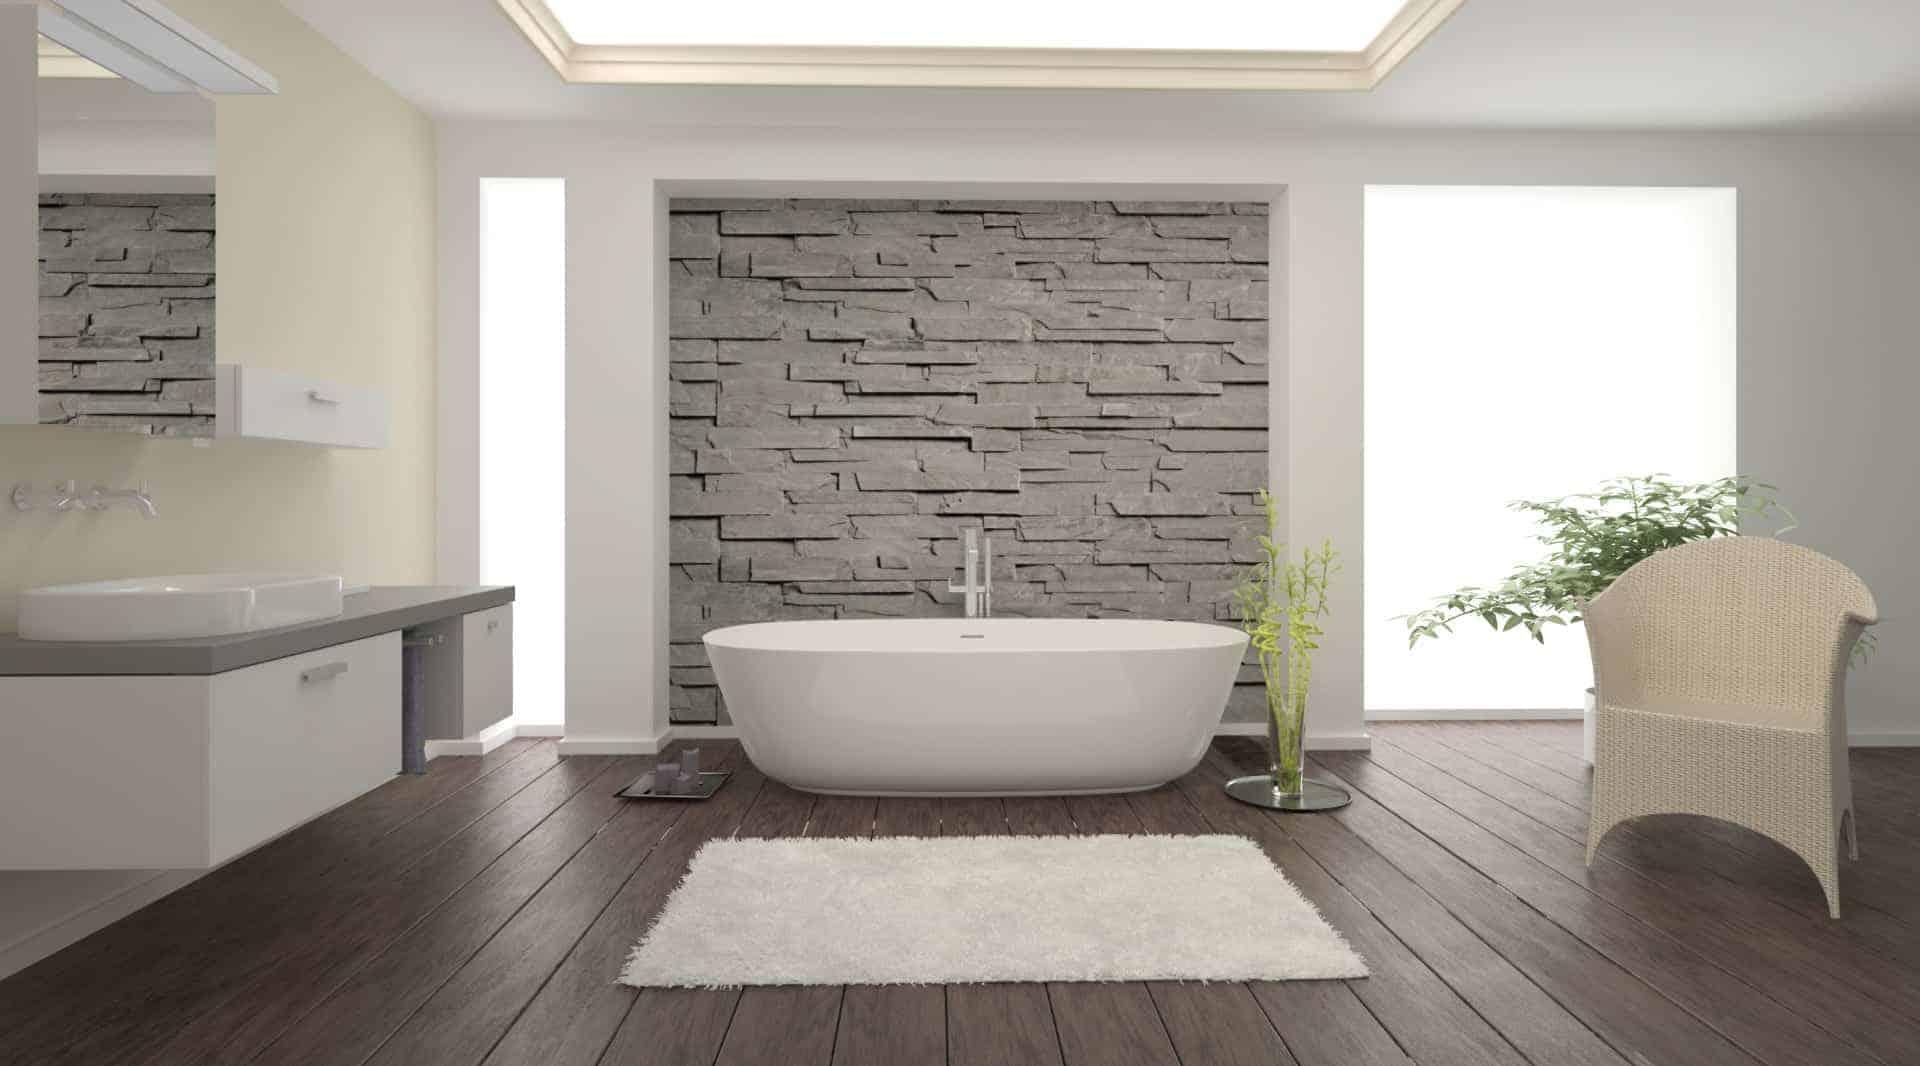 Fliesen für Bad, Boden, Wand. Fliesenleger Bialon, der ...